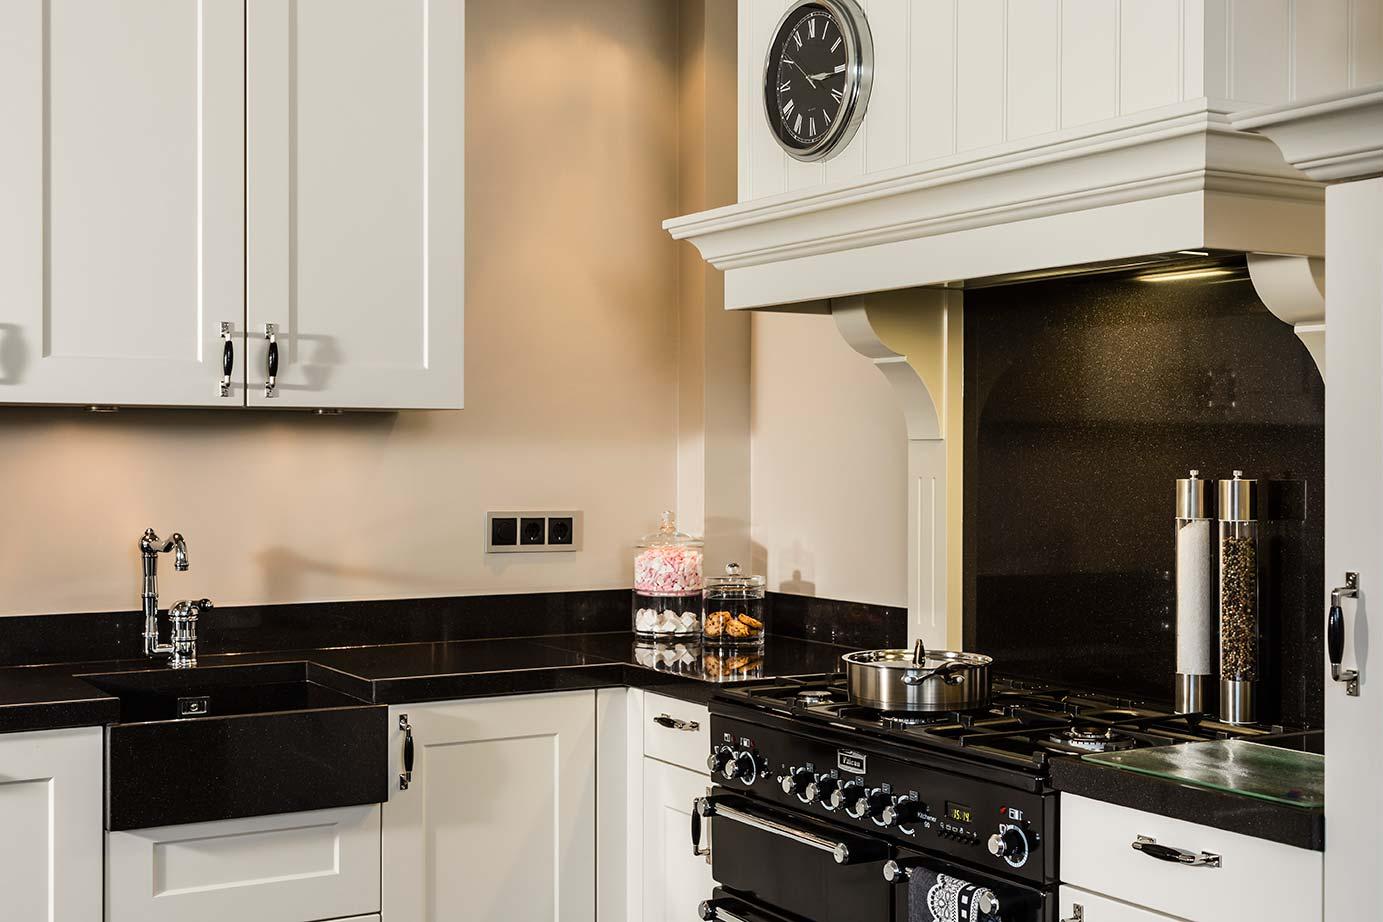 Keur Keukens Keukentegels : Landelijke keukens genieten zonder zorgen keur